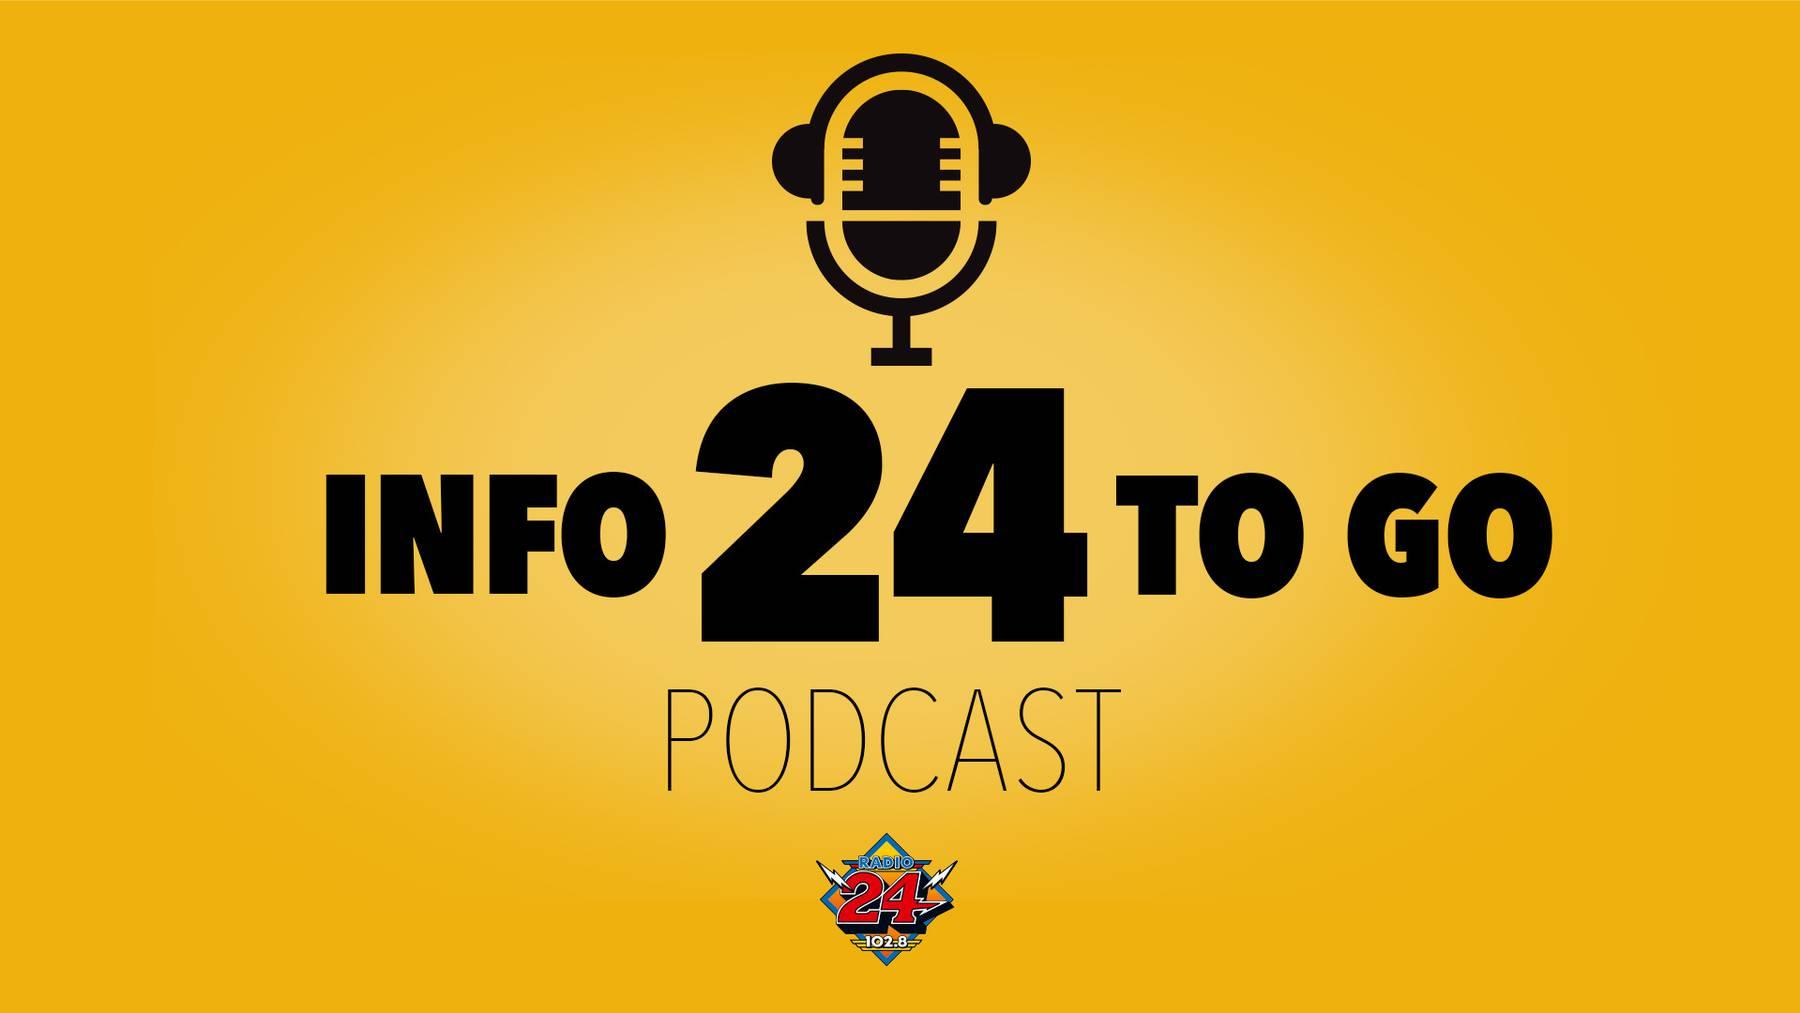 Info24 To Go_Logo_169